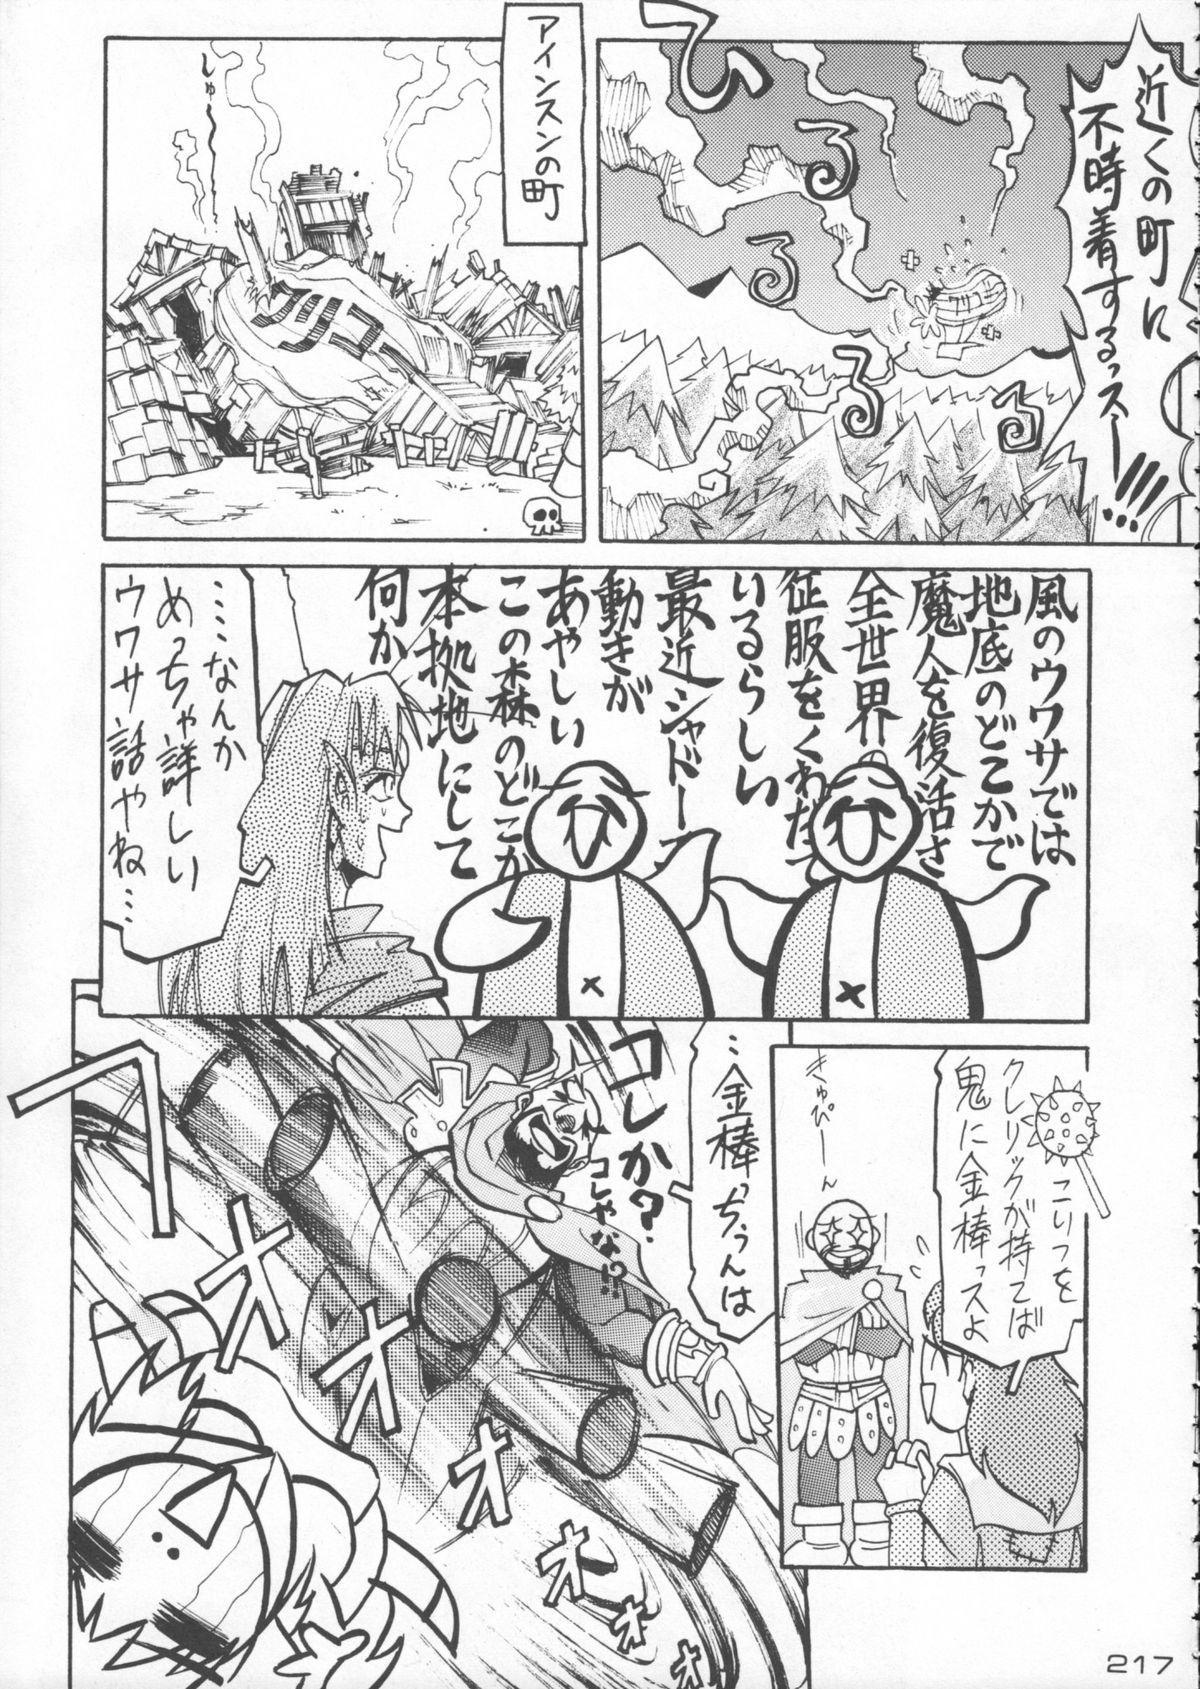 Godzilla vs Curry Aji 217